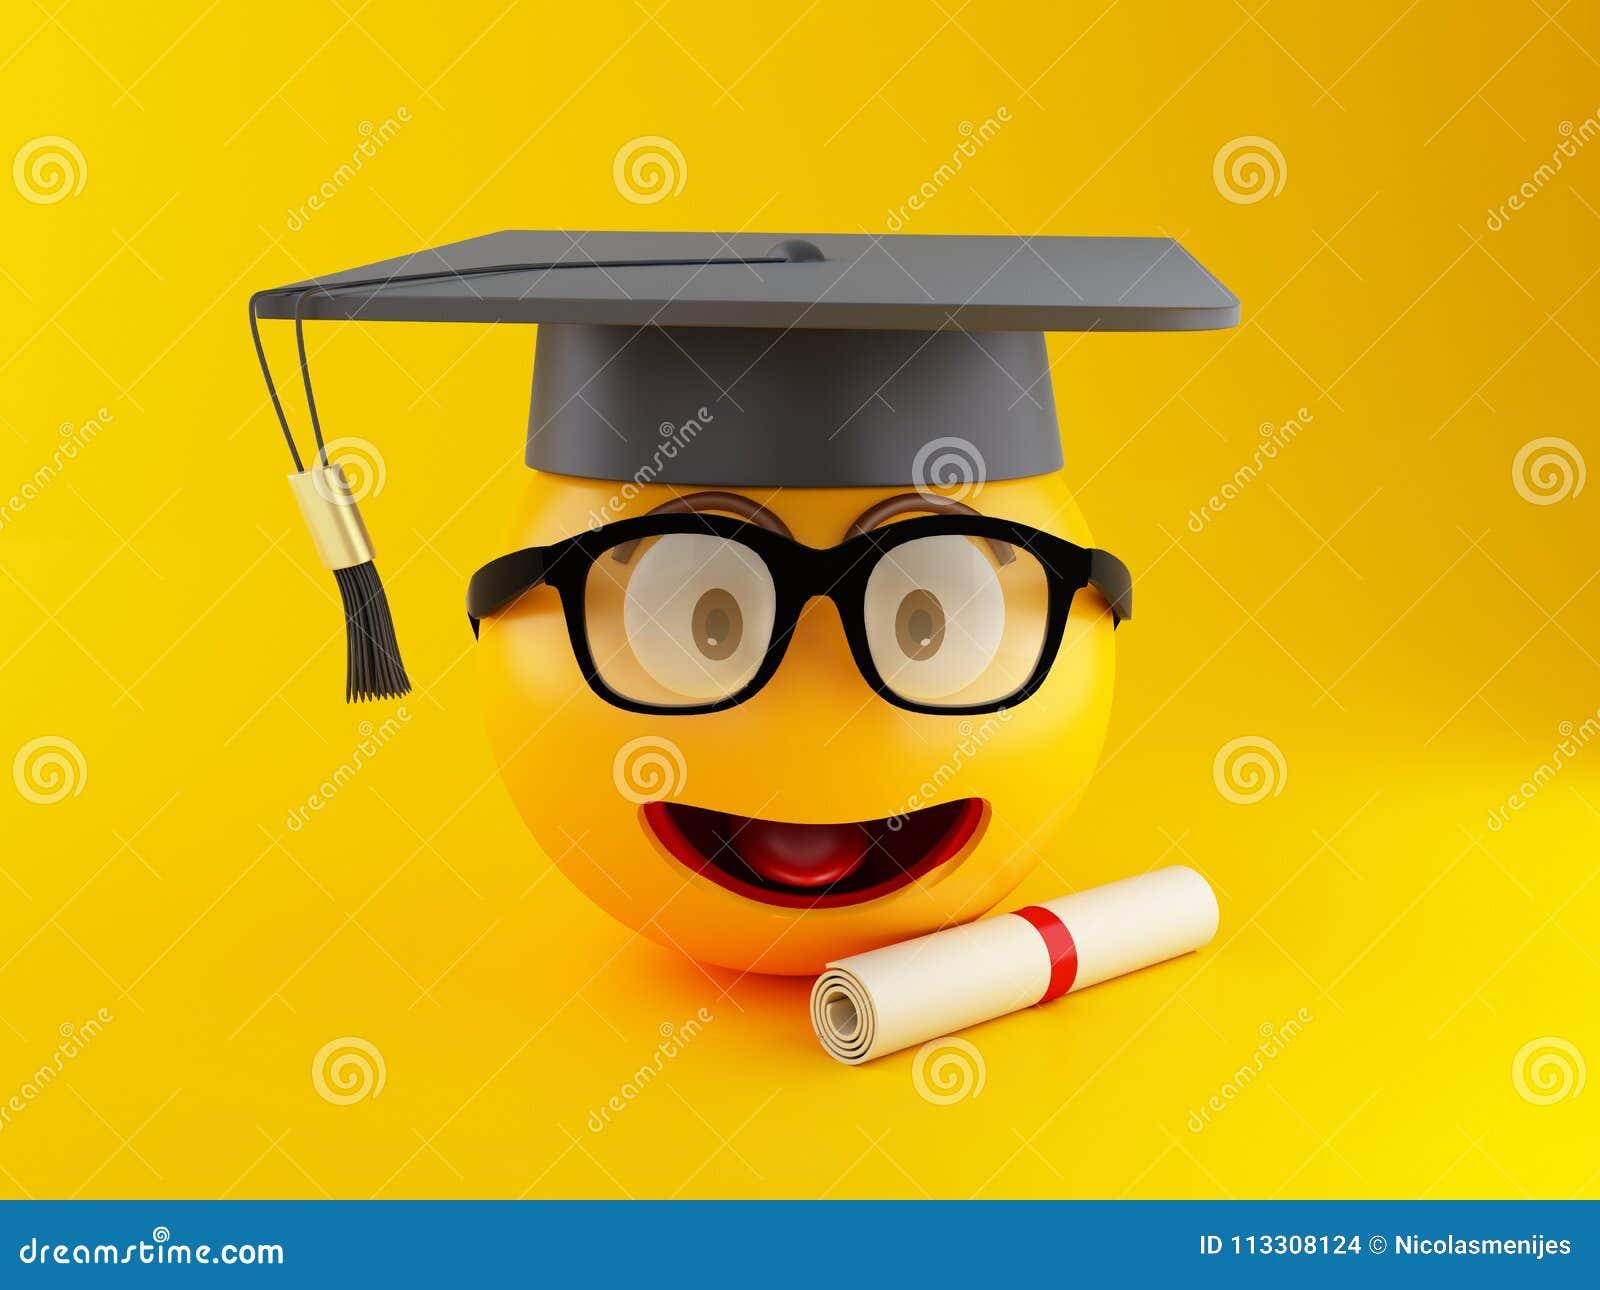 3d Graduation Emoji With Graduation Cap And Diploma. Stock